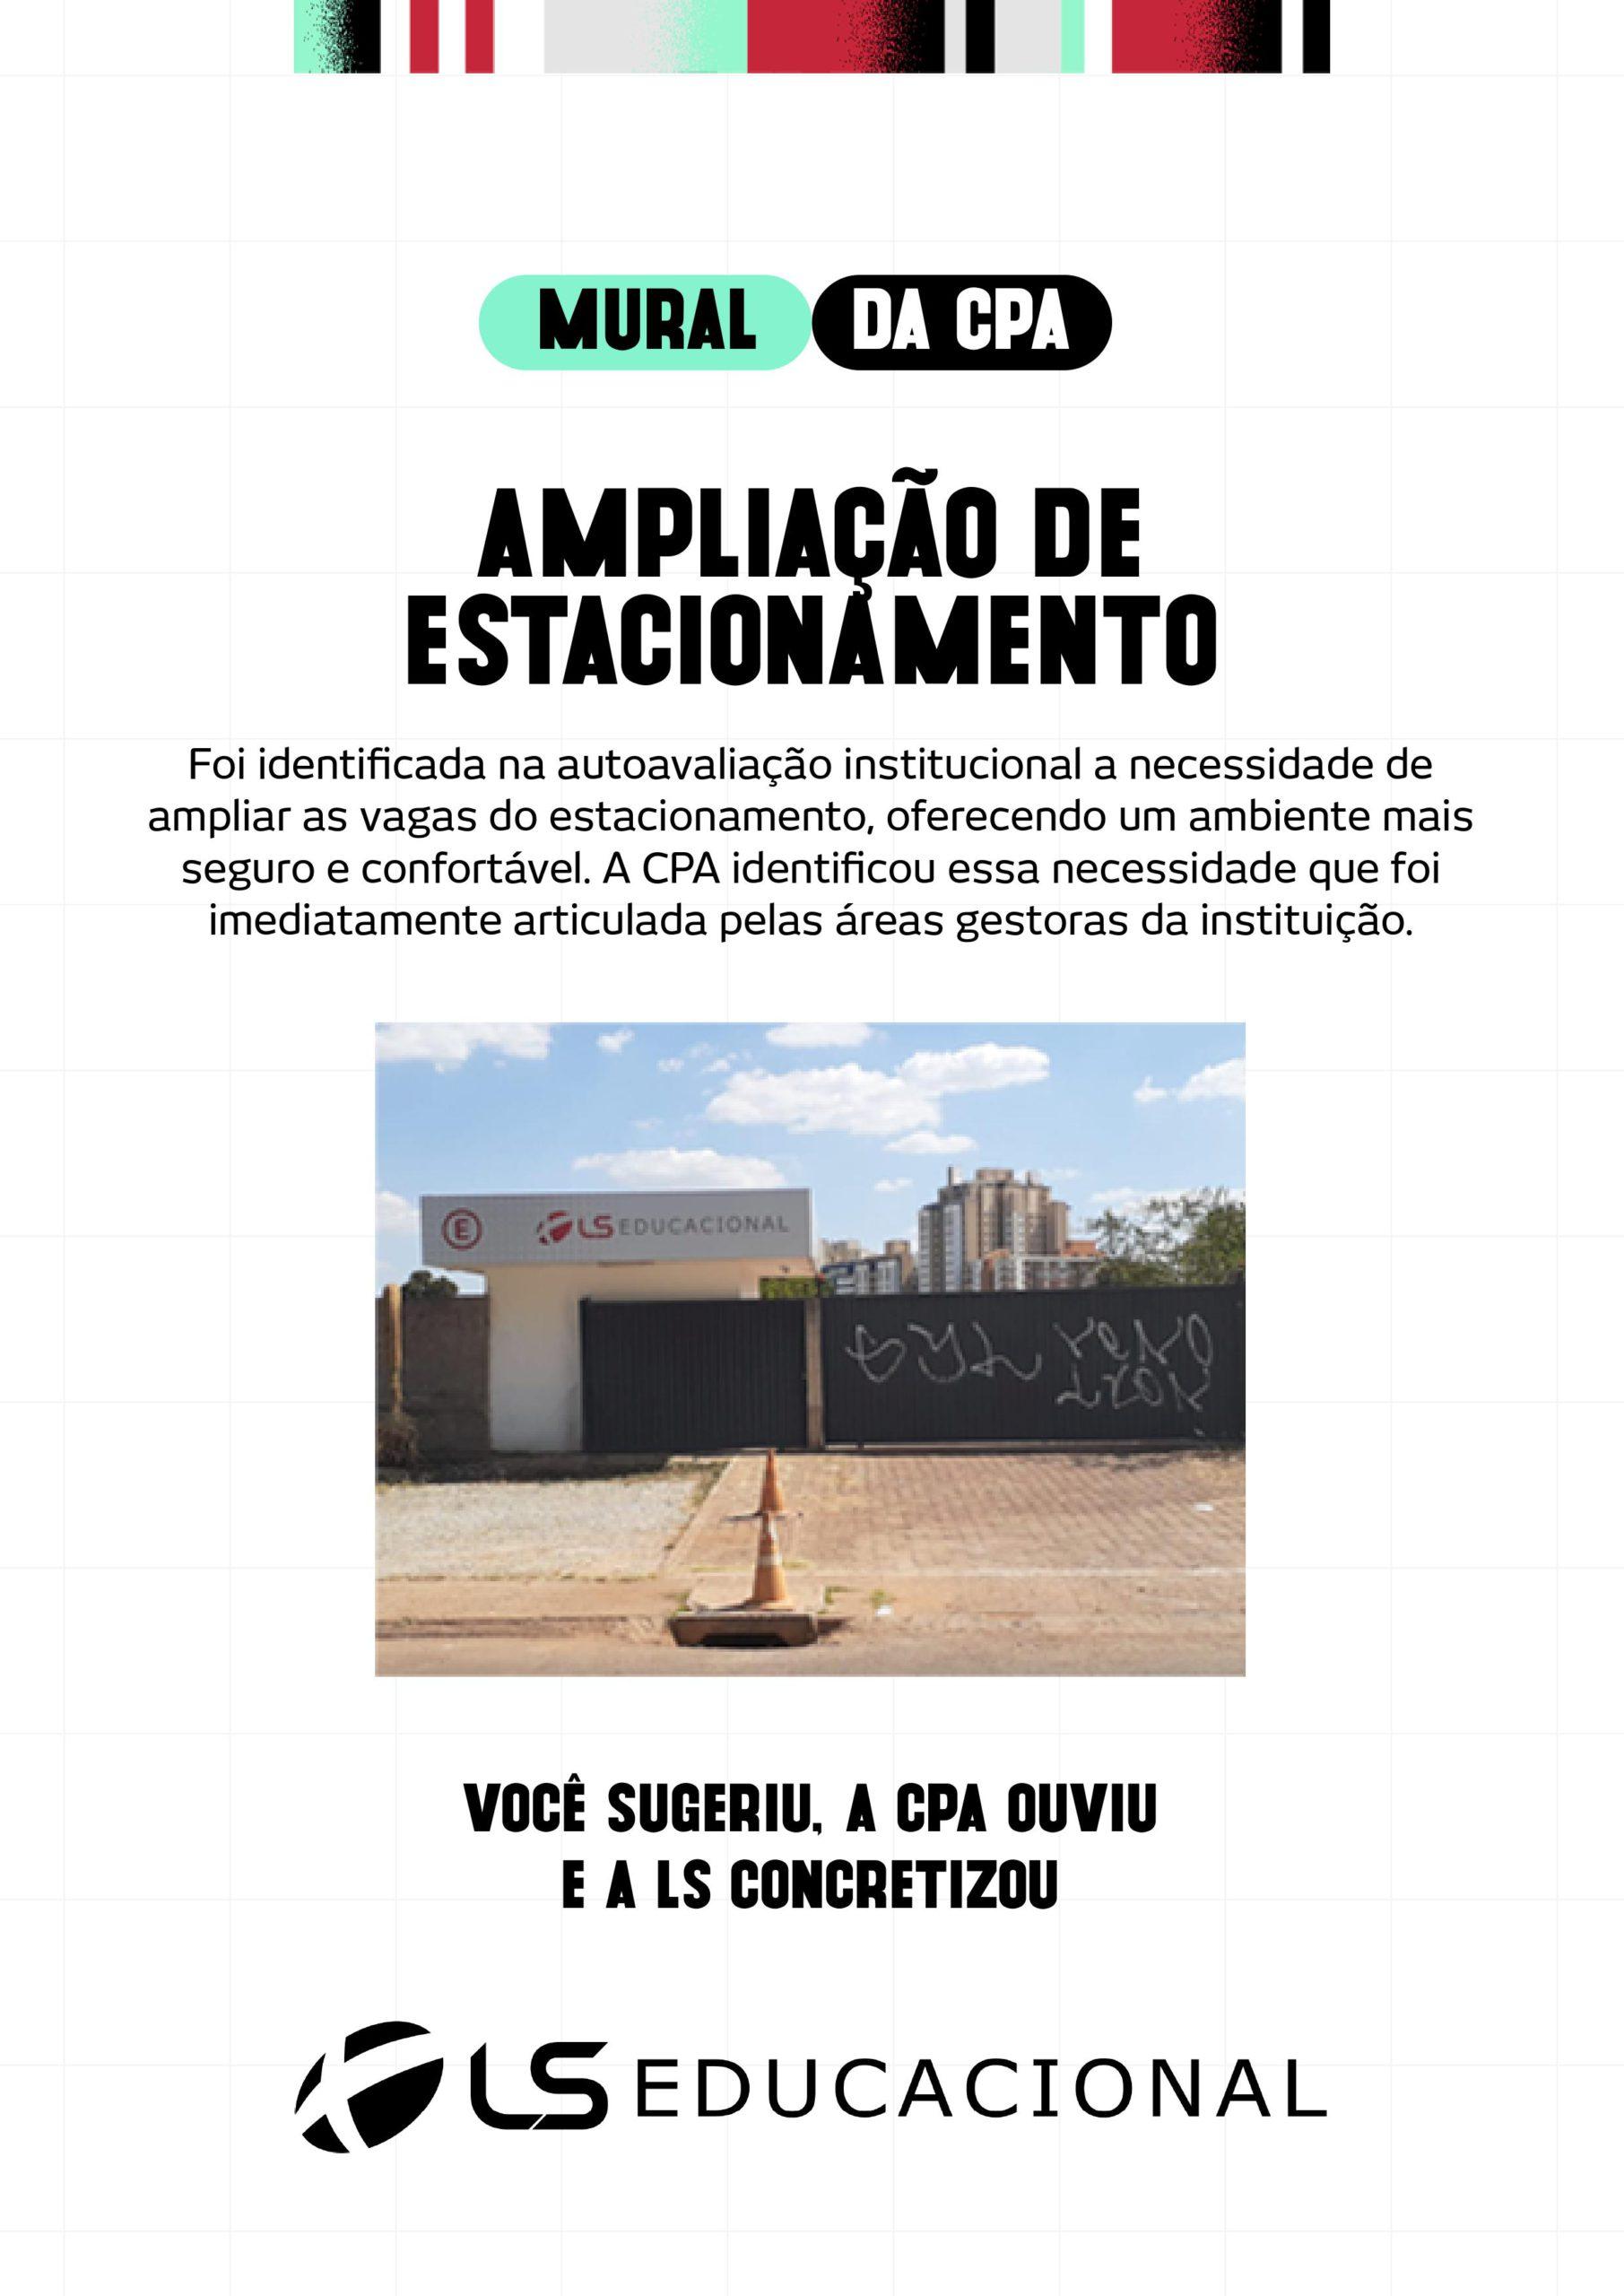 AMPLIAÇÃO DE ESTACIONAMENTO